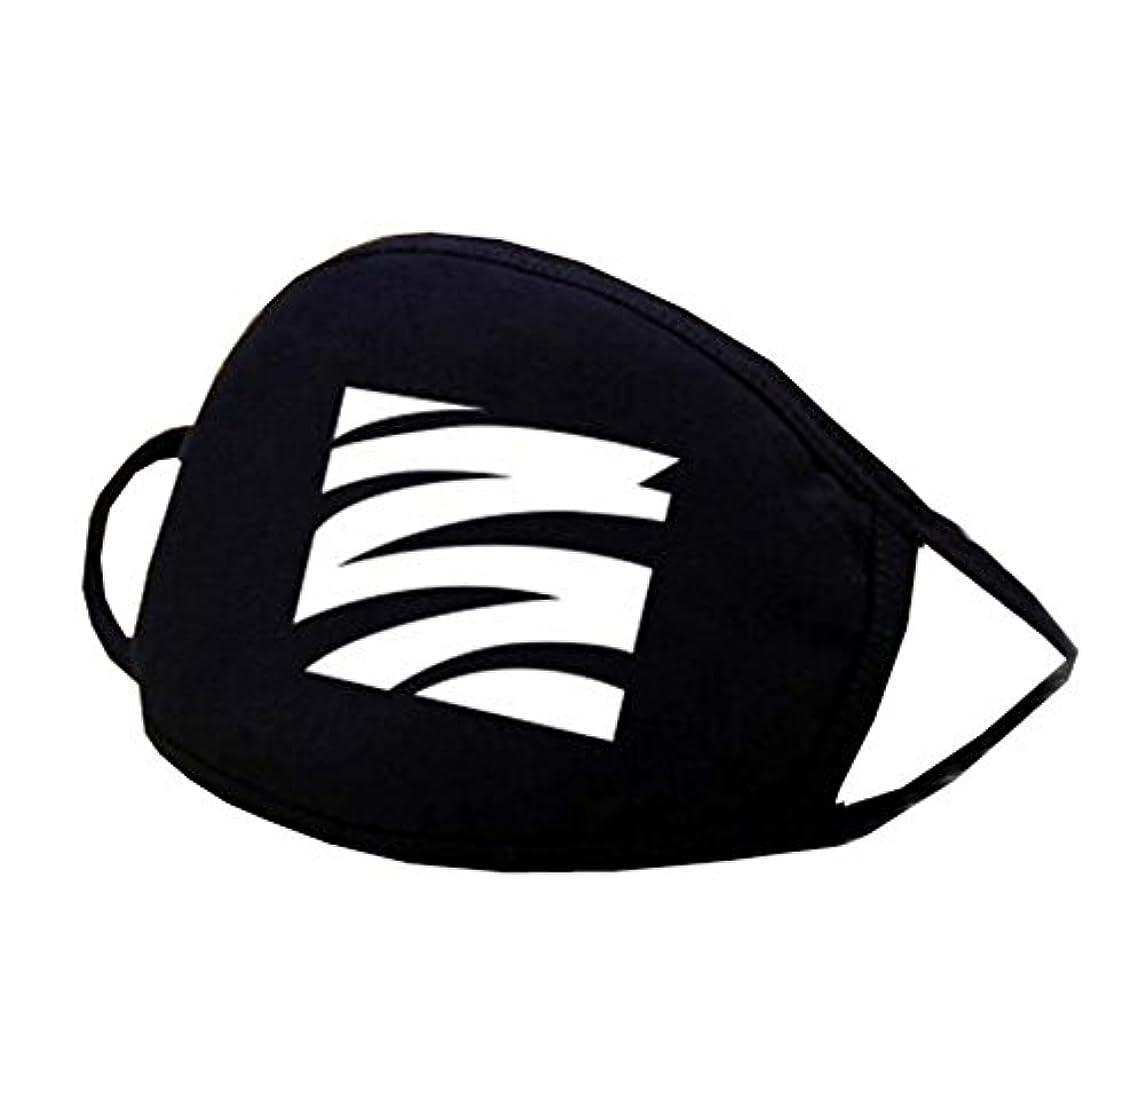 八百屋さんノーブルデコレーション男女兼用ブラックコットンフェイス口マスク再使用可能防塵抗菌マスク - K